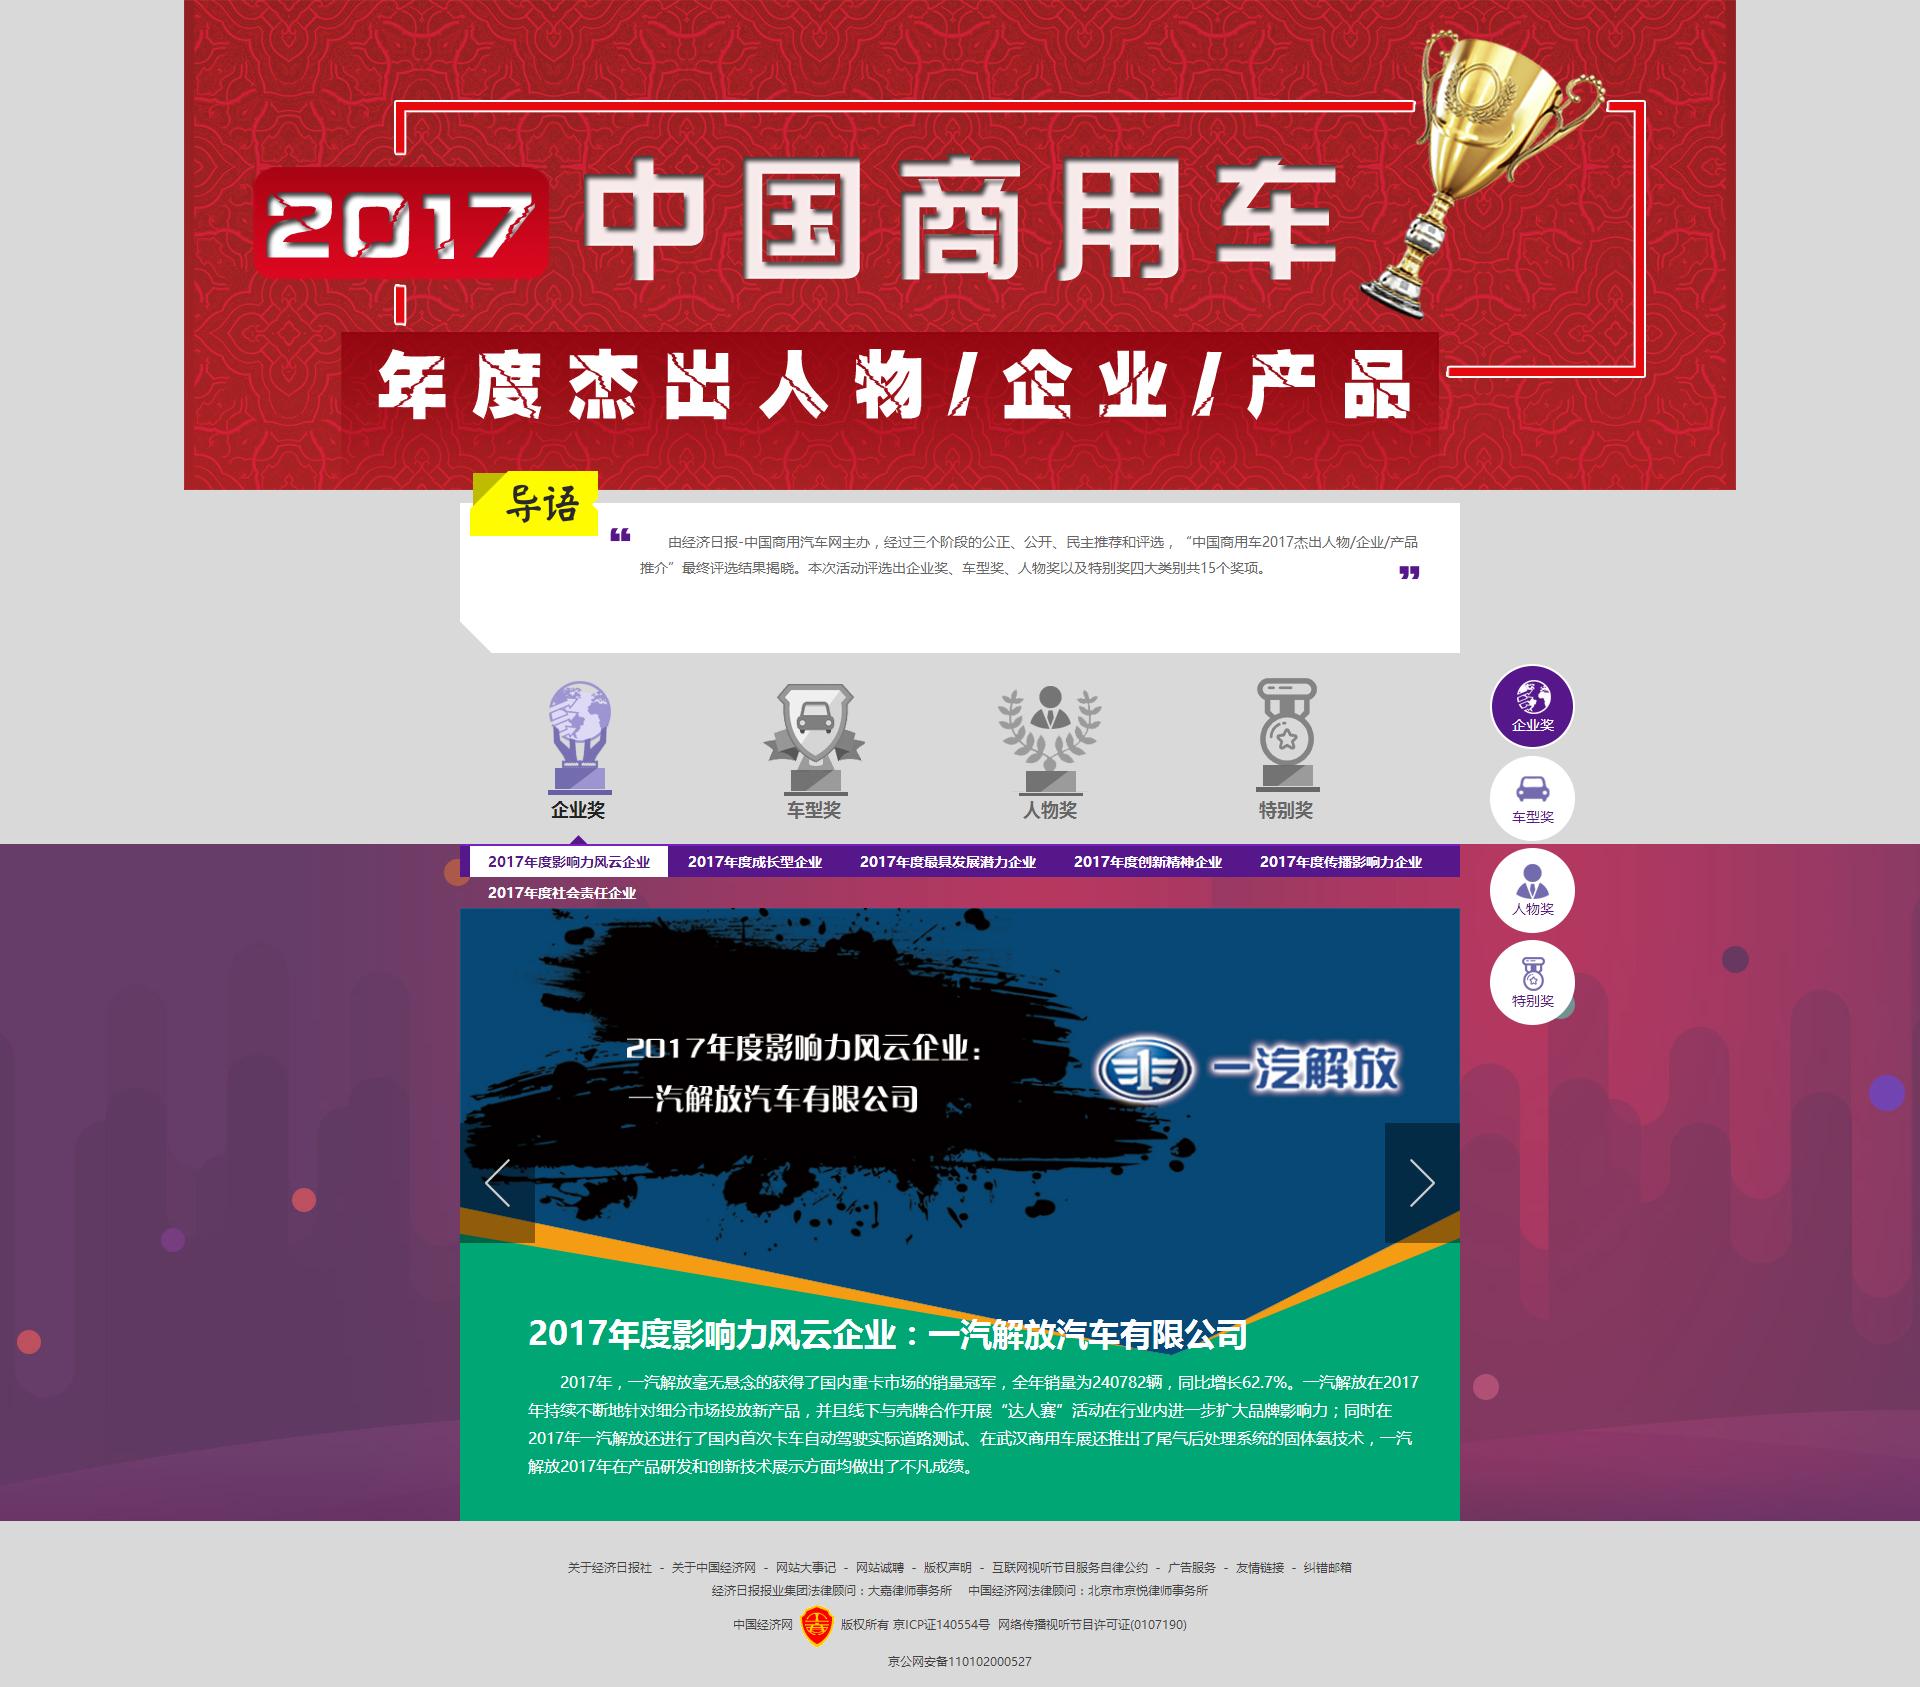 中国商用车2017杰出人物_企业_产品评选_中国经济网.png